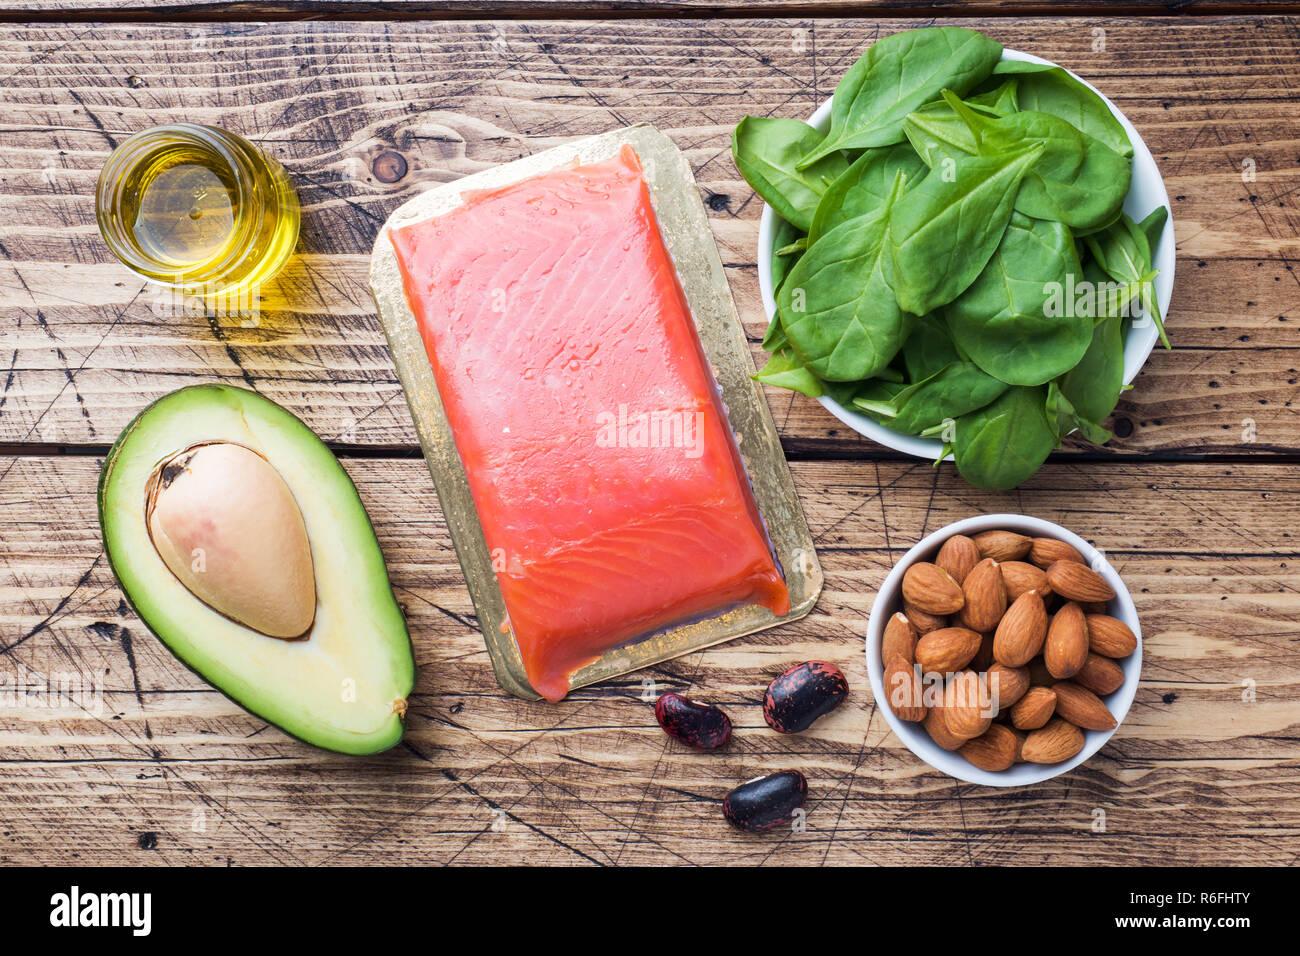 Concetto di alimenti sani prodotti antiossidanti: pesce e avocado, dadi e olio di pesce, pompelmo su sfondo di legno Immagini Stock